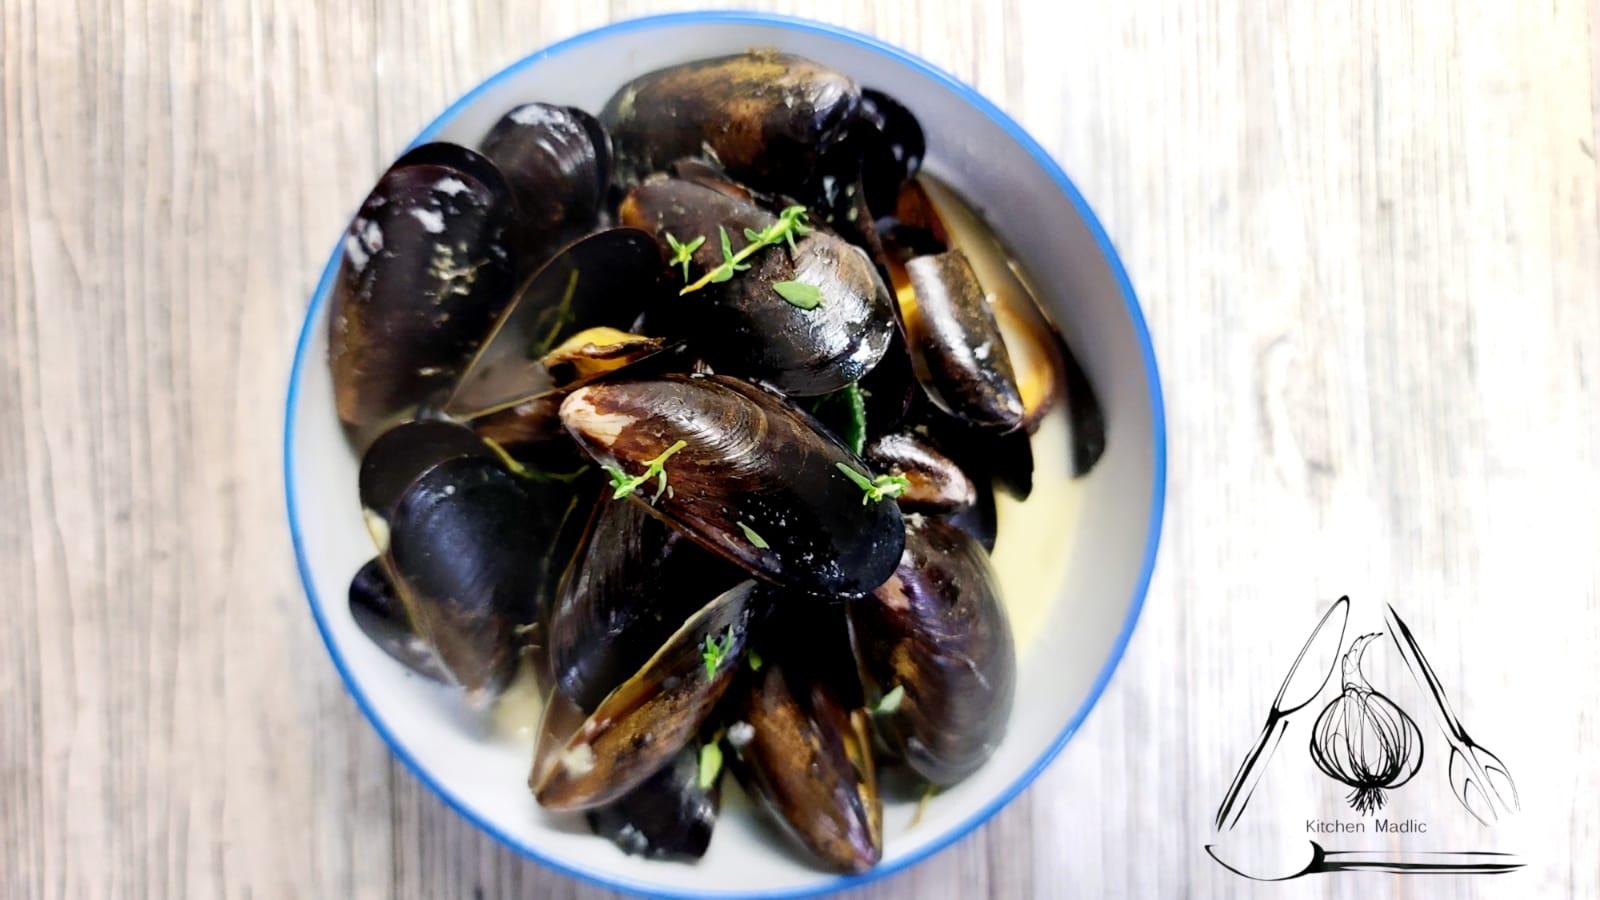 白酒香蔥法國藍貝。(Kitchen Madlic提供)